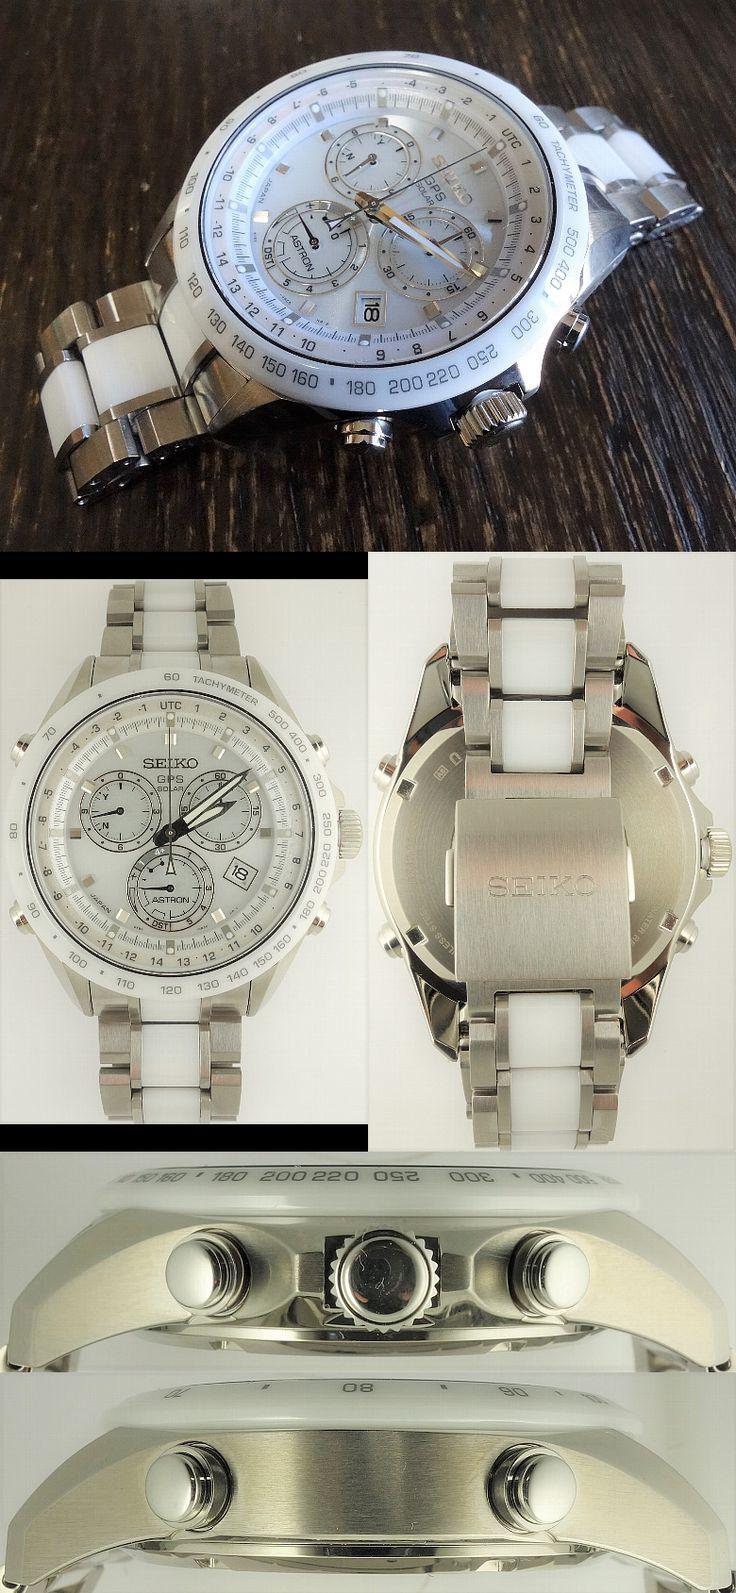 GPSソーラーウオッチ アストロン SBXB027の写真 ブランド腕時計といえば、アルファ&オメガ http://www.aaoi.biz/